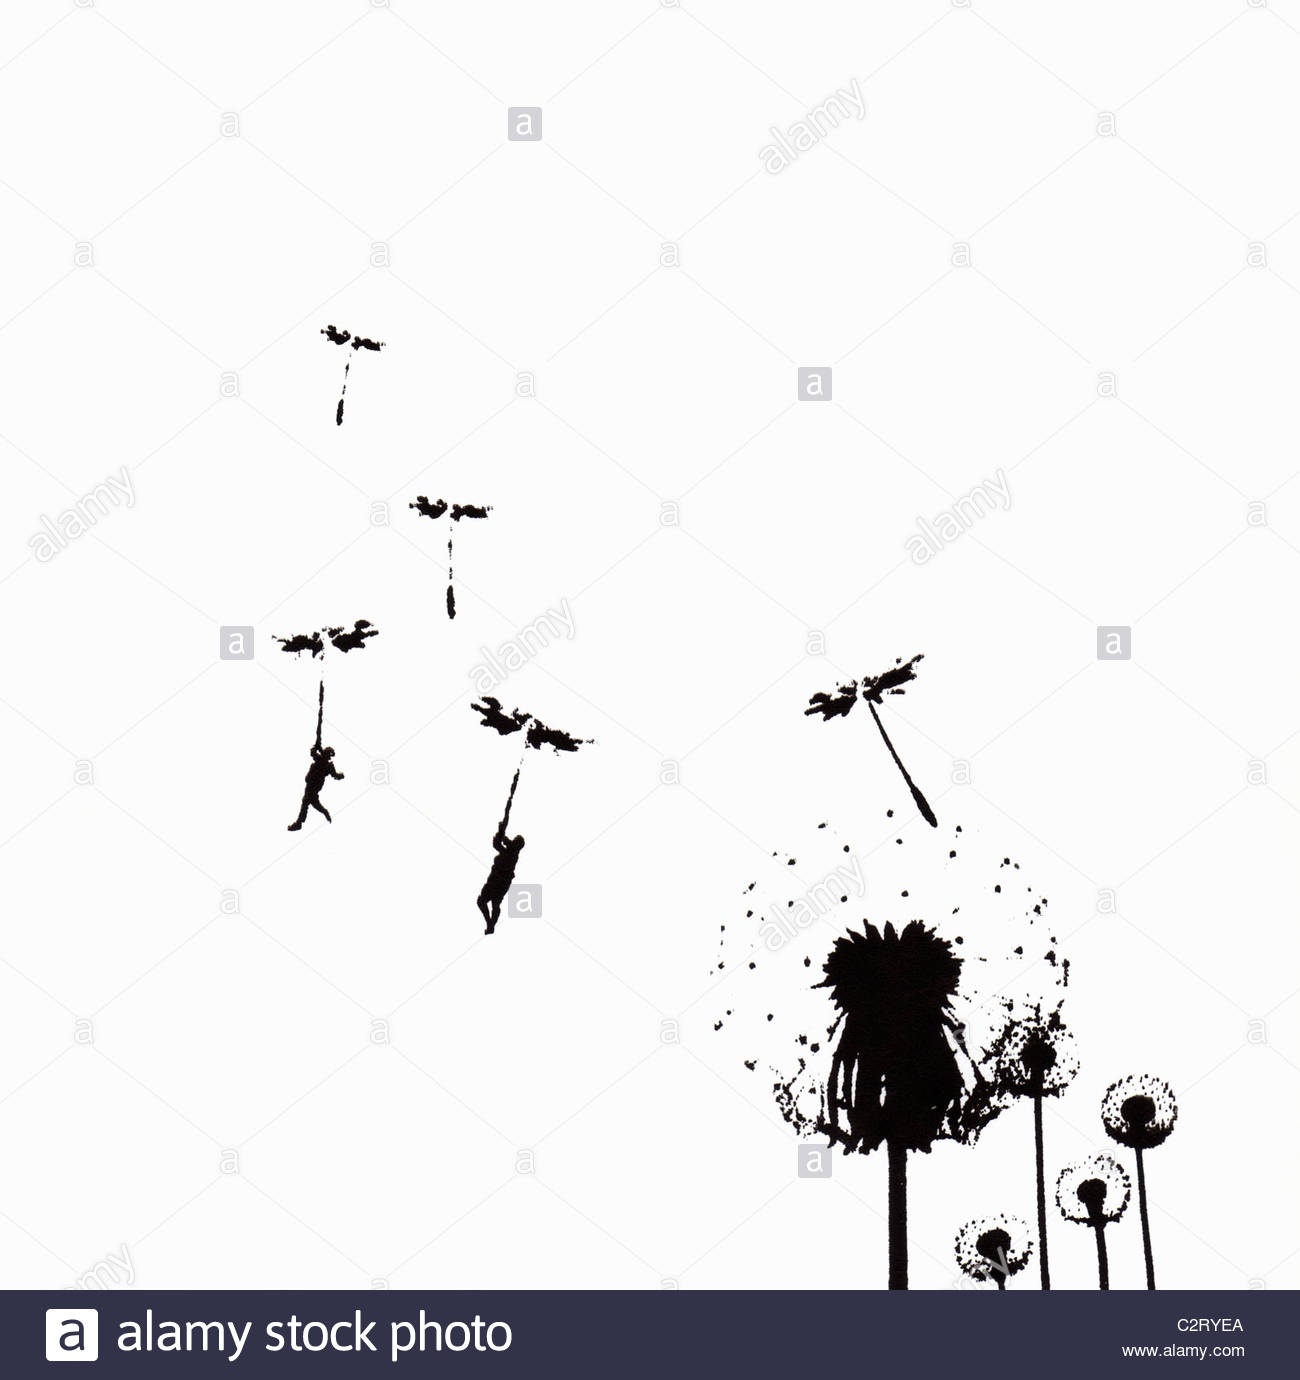 People floating away on dandelion seed - Stock Image